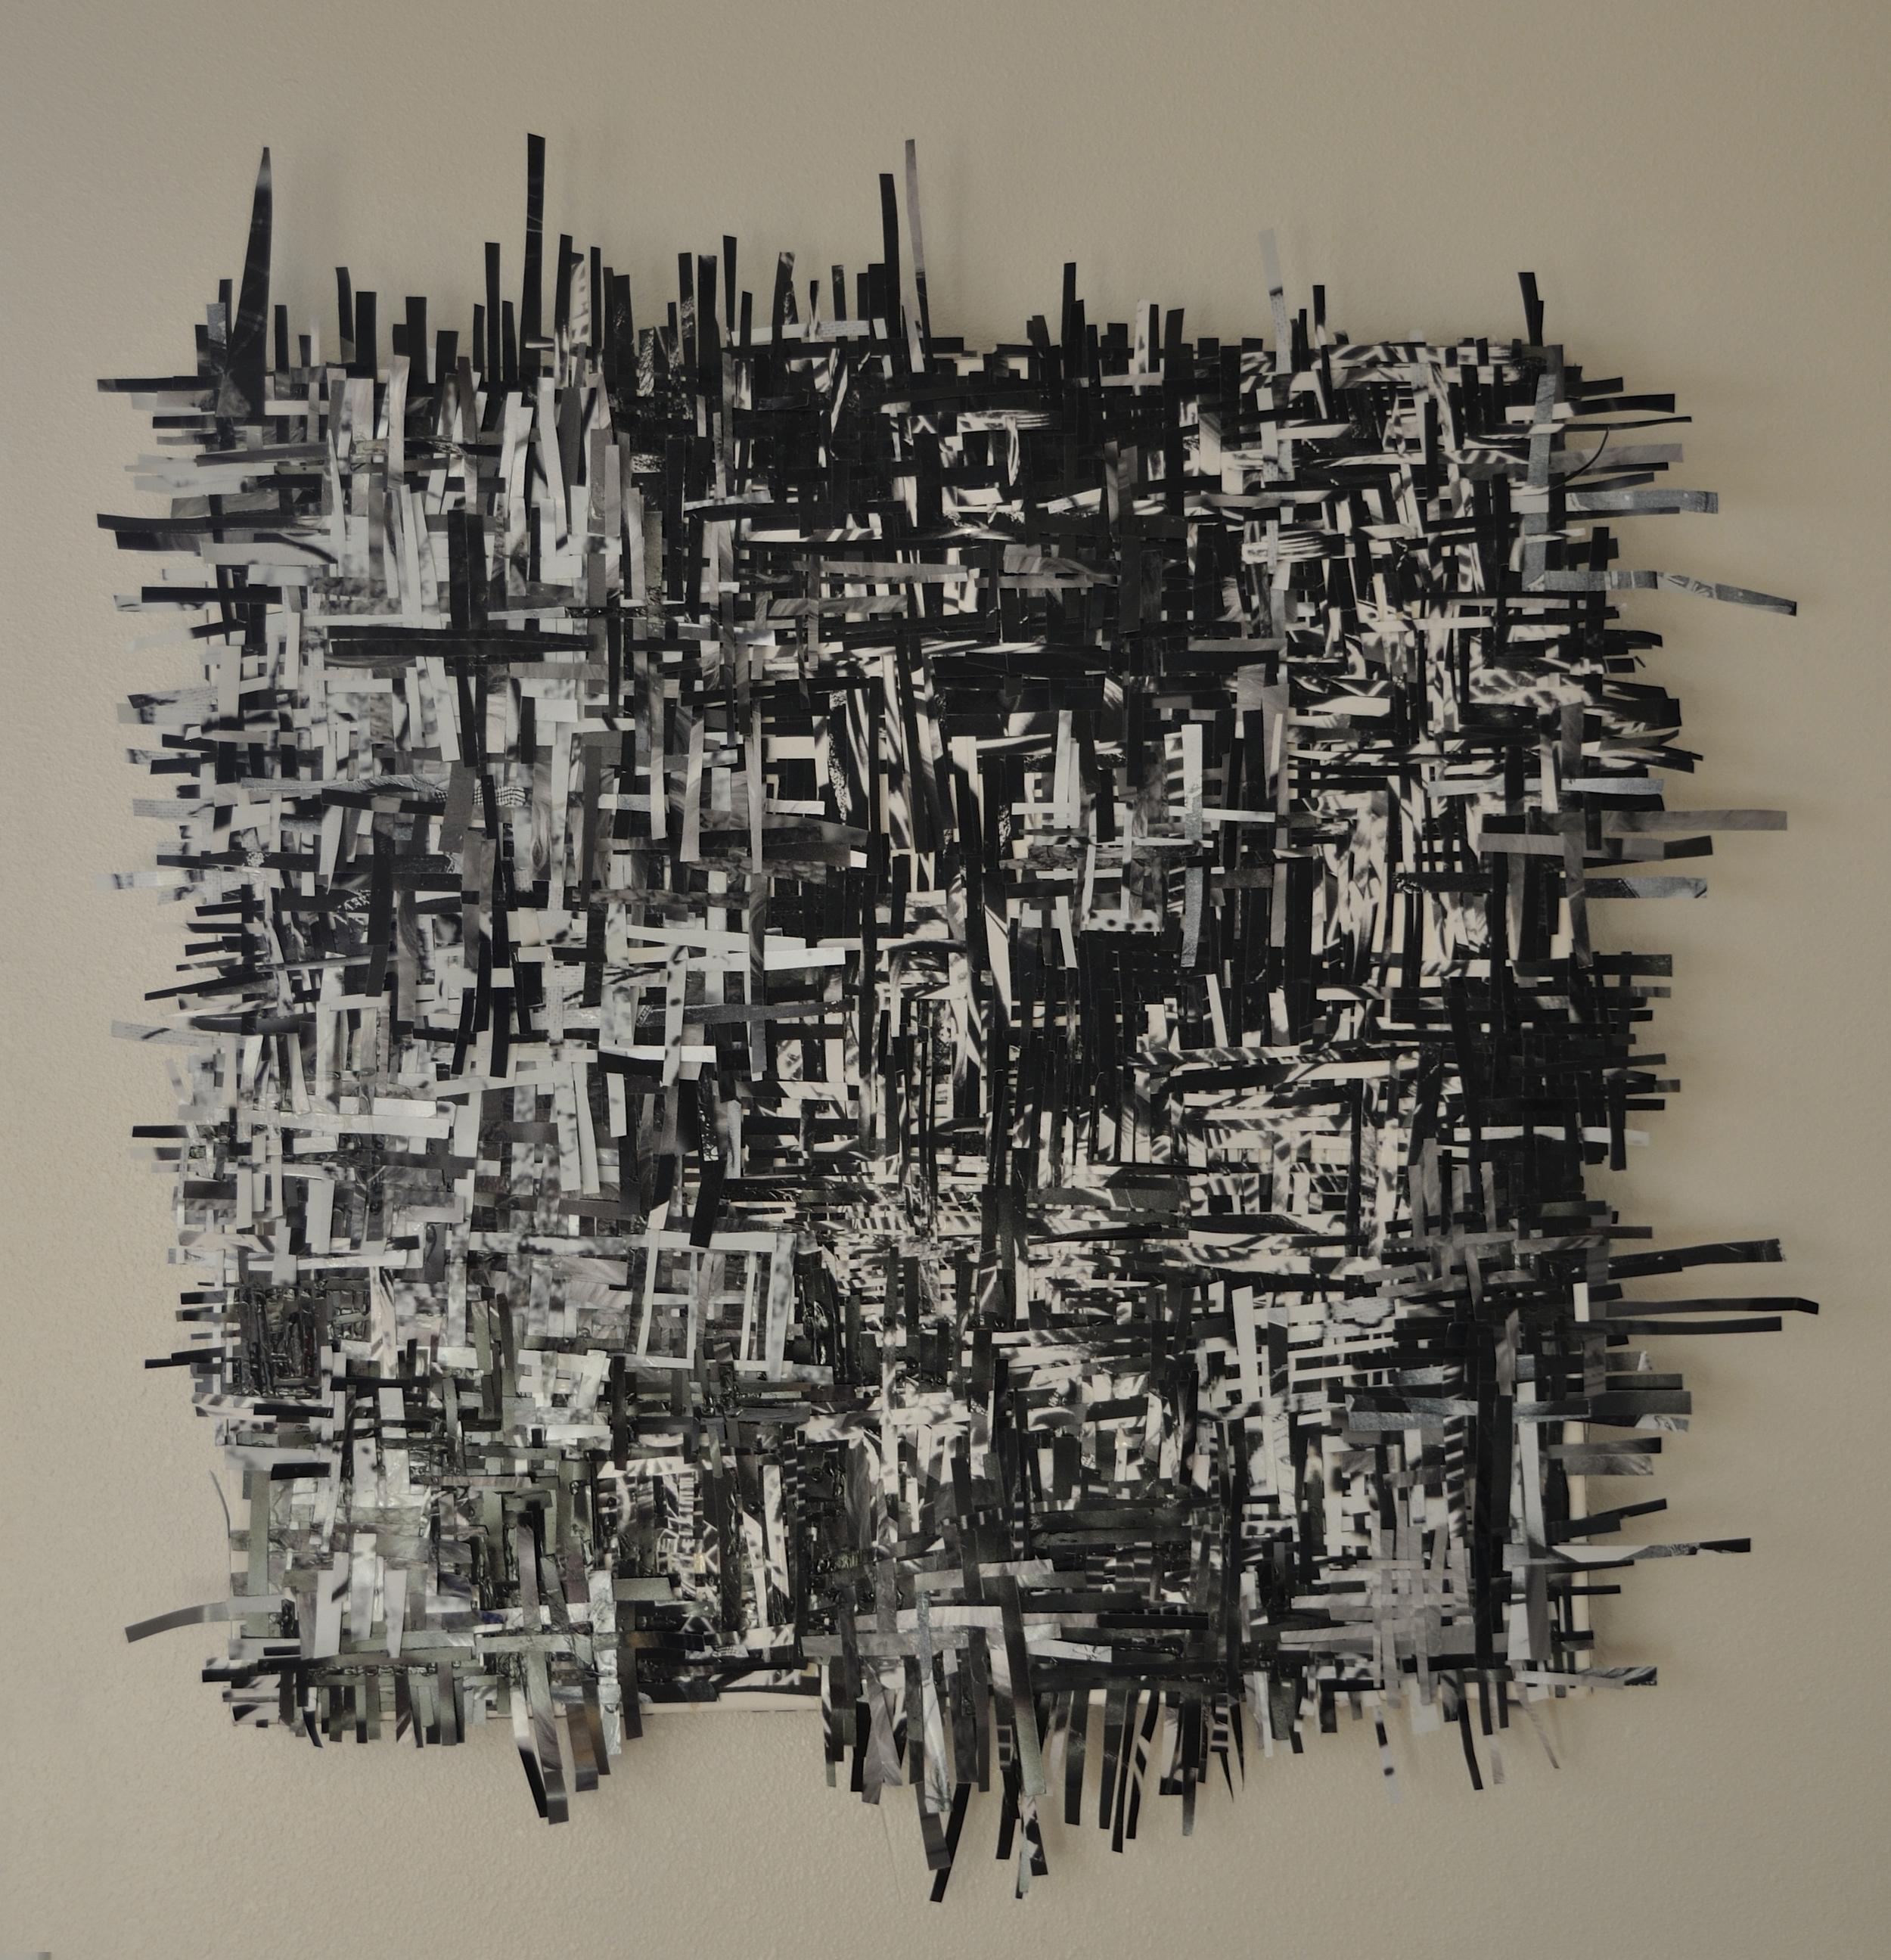 Celiac 2012